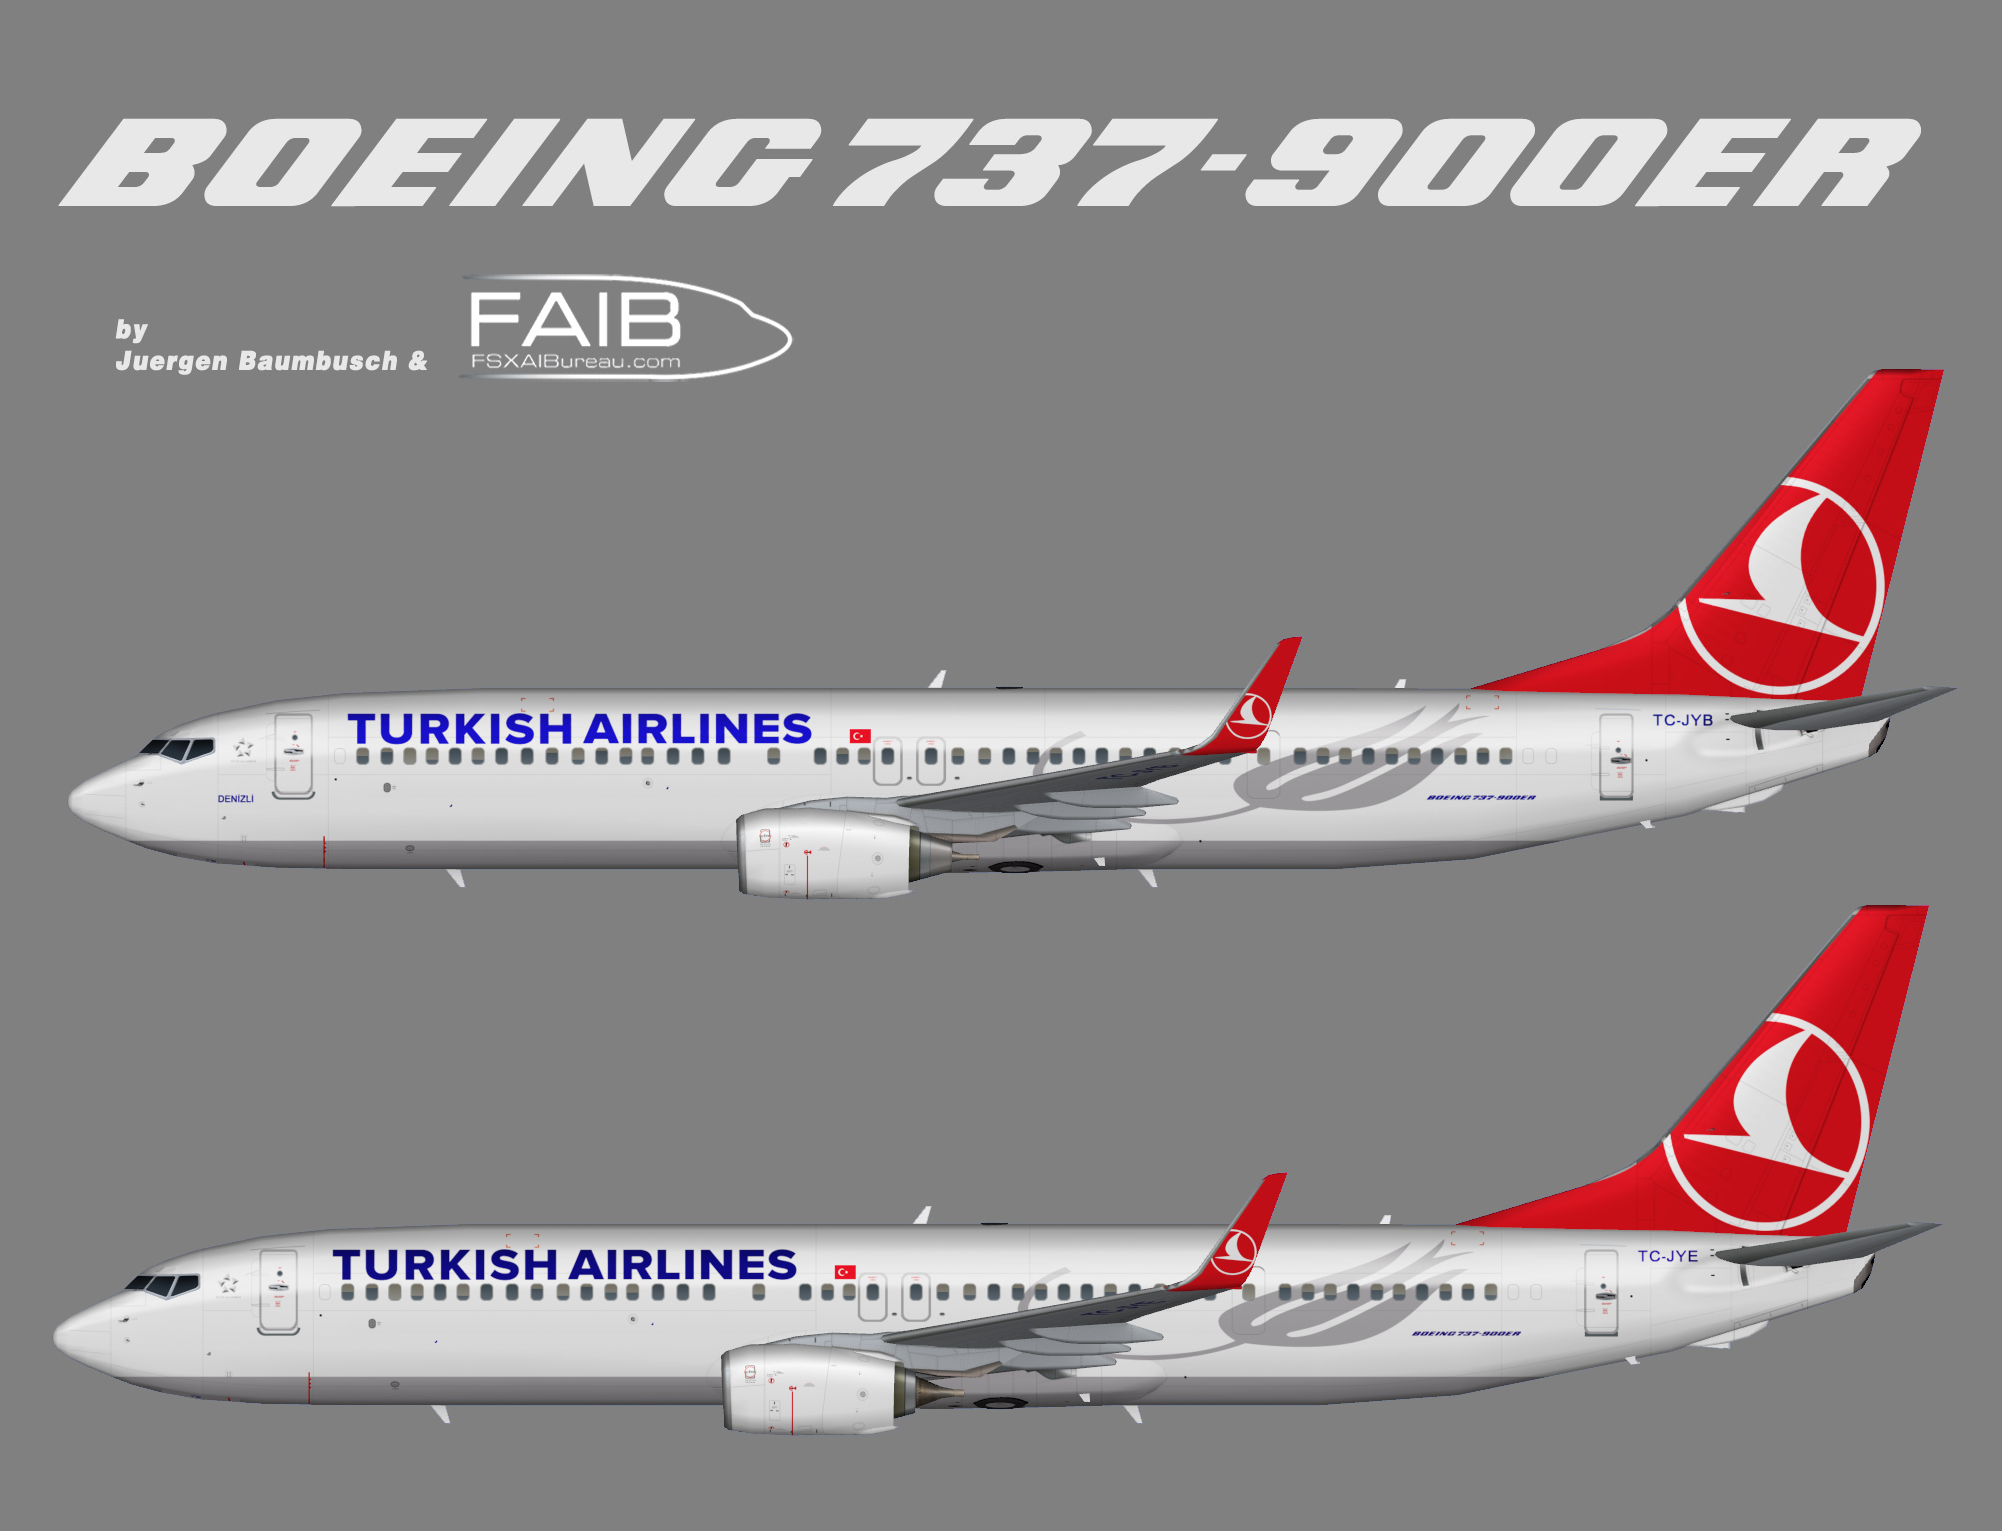 Turkish Airlines Boeing 737-900ER